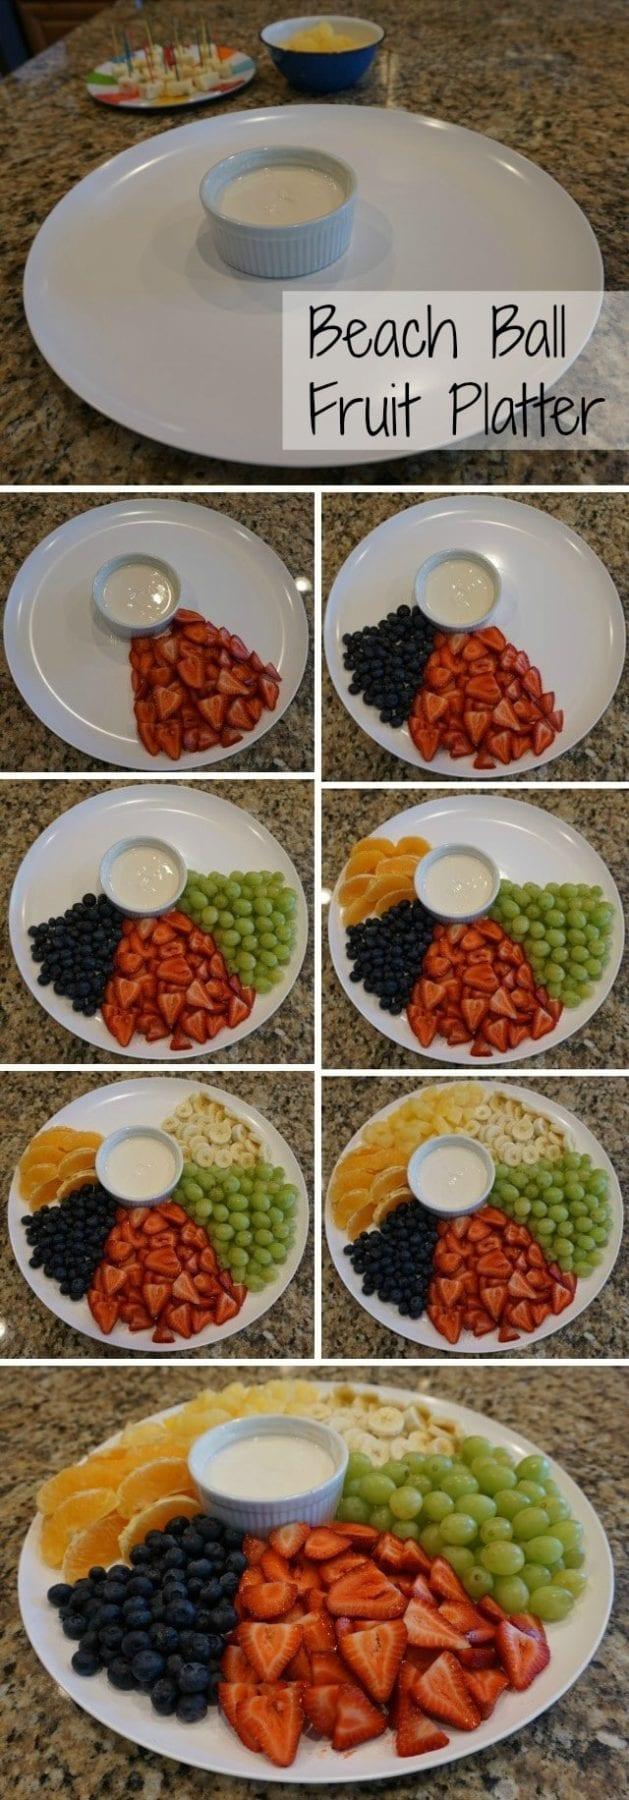 beach-ball-fruit-platter-vertical